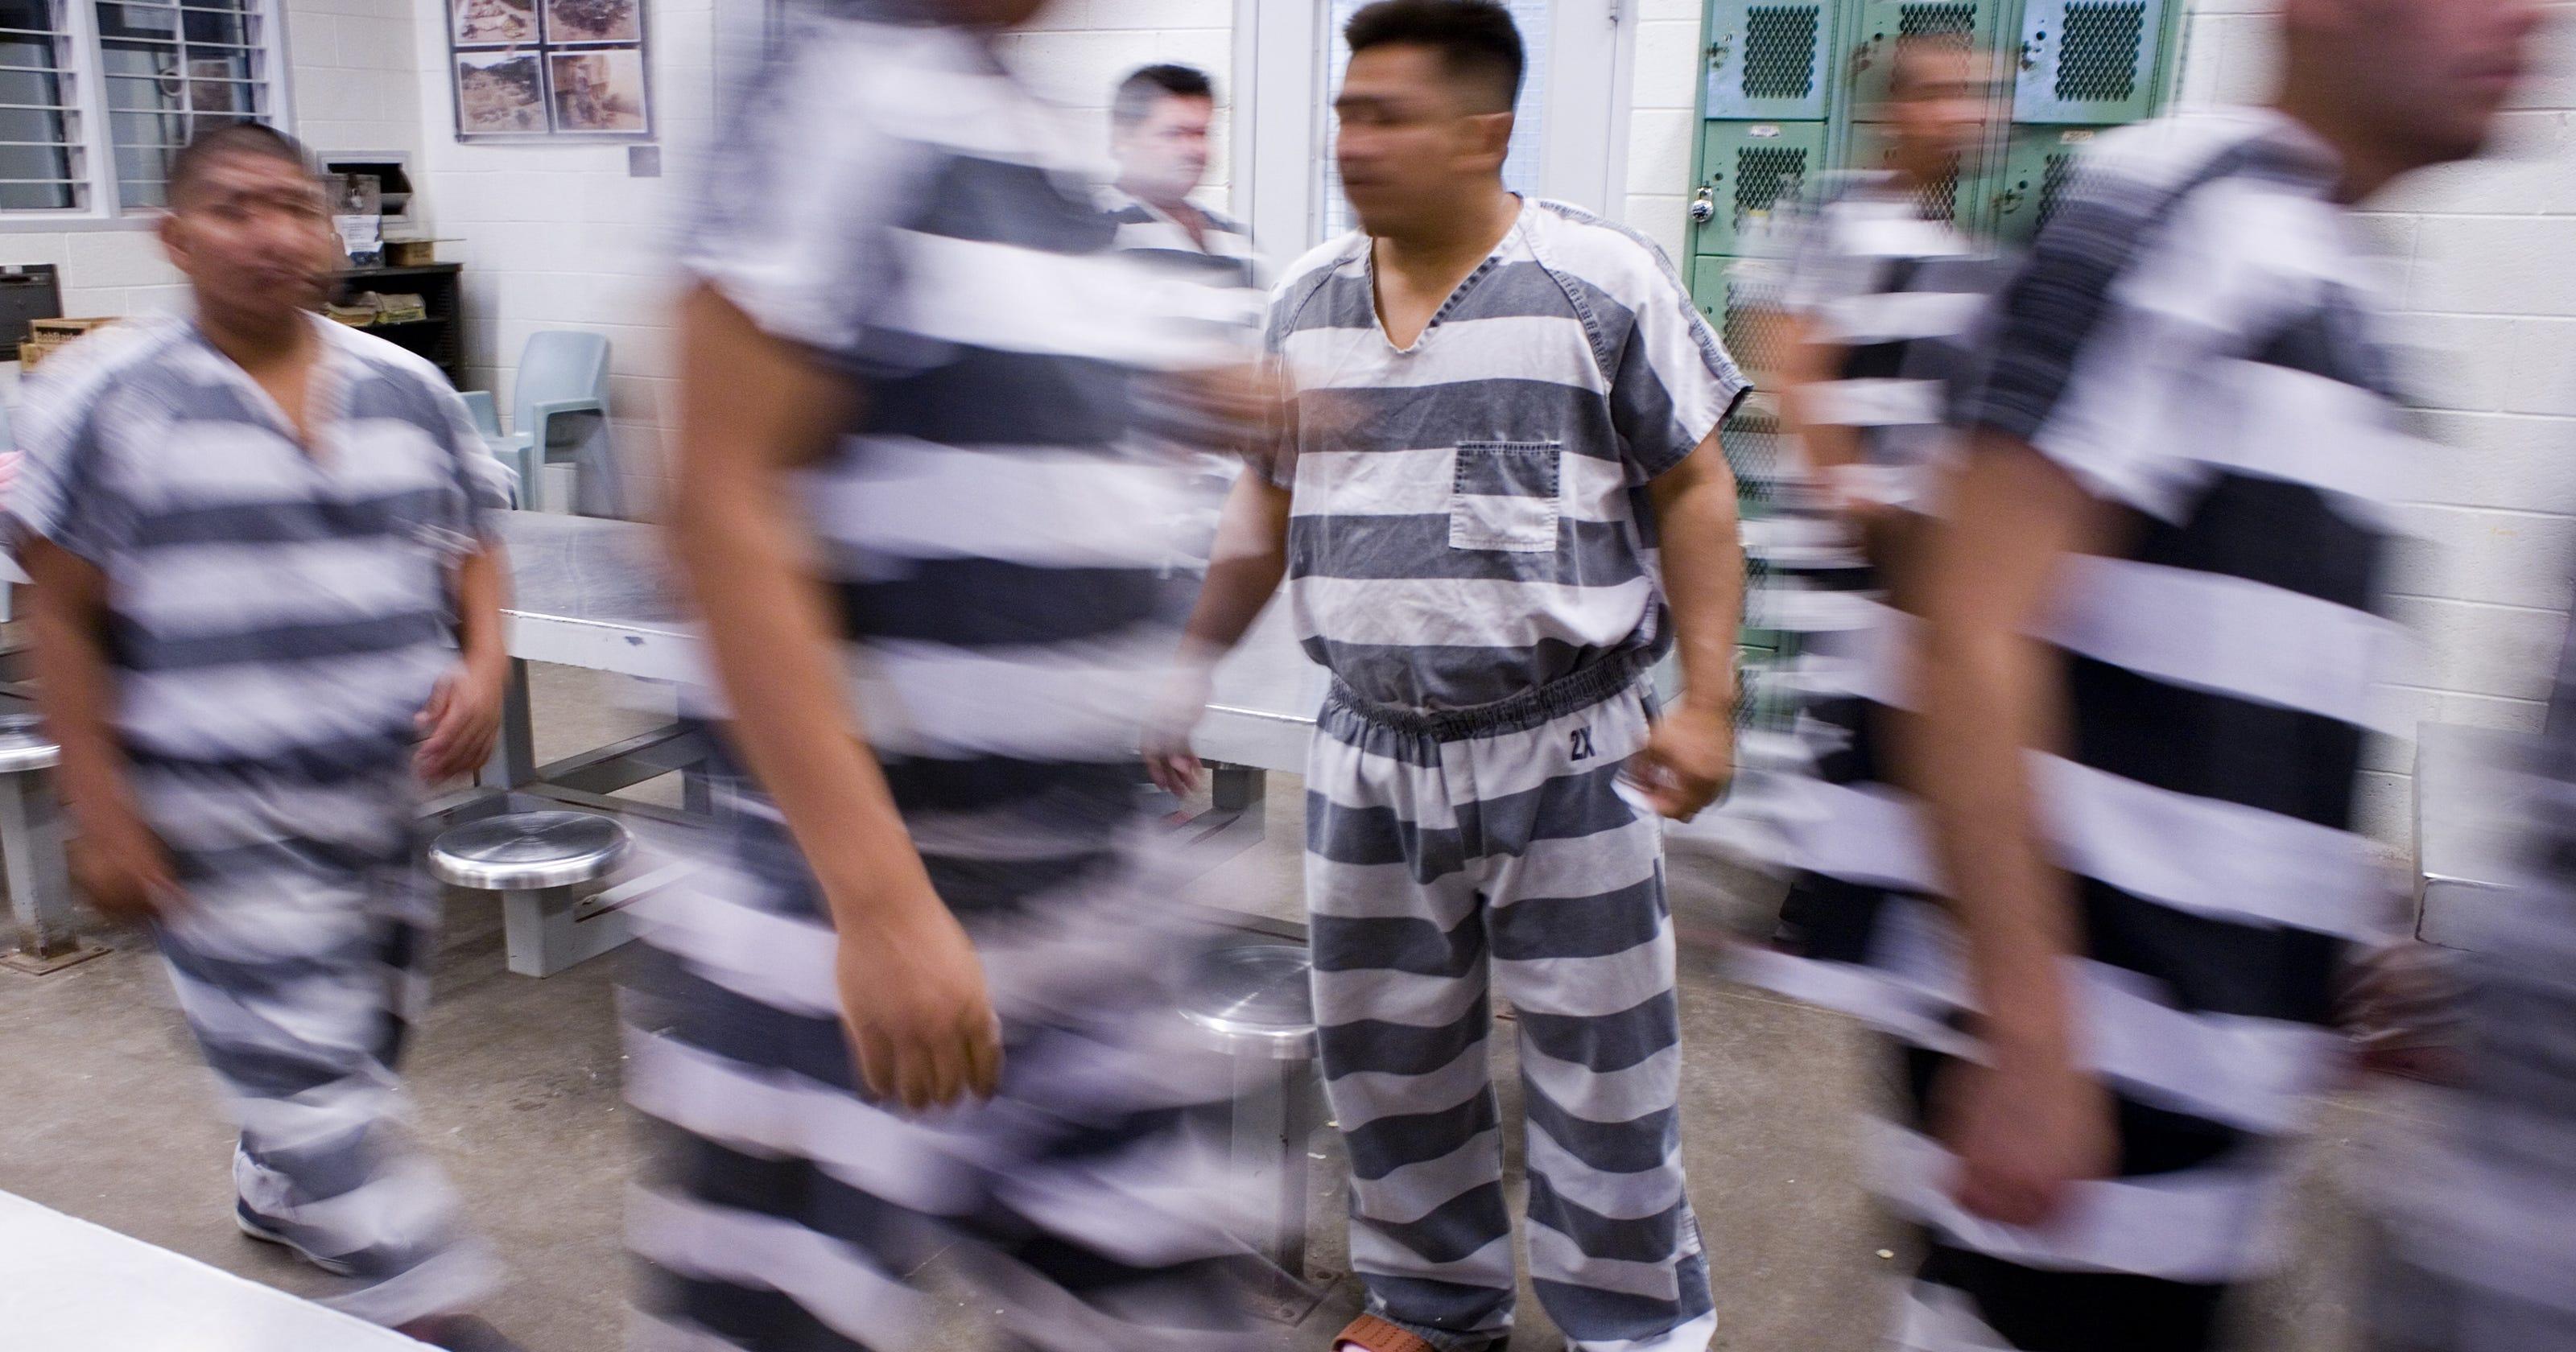 Privatizing Mesa jail to cost Maricopa County nearly $6 million